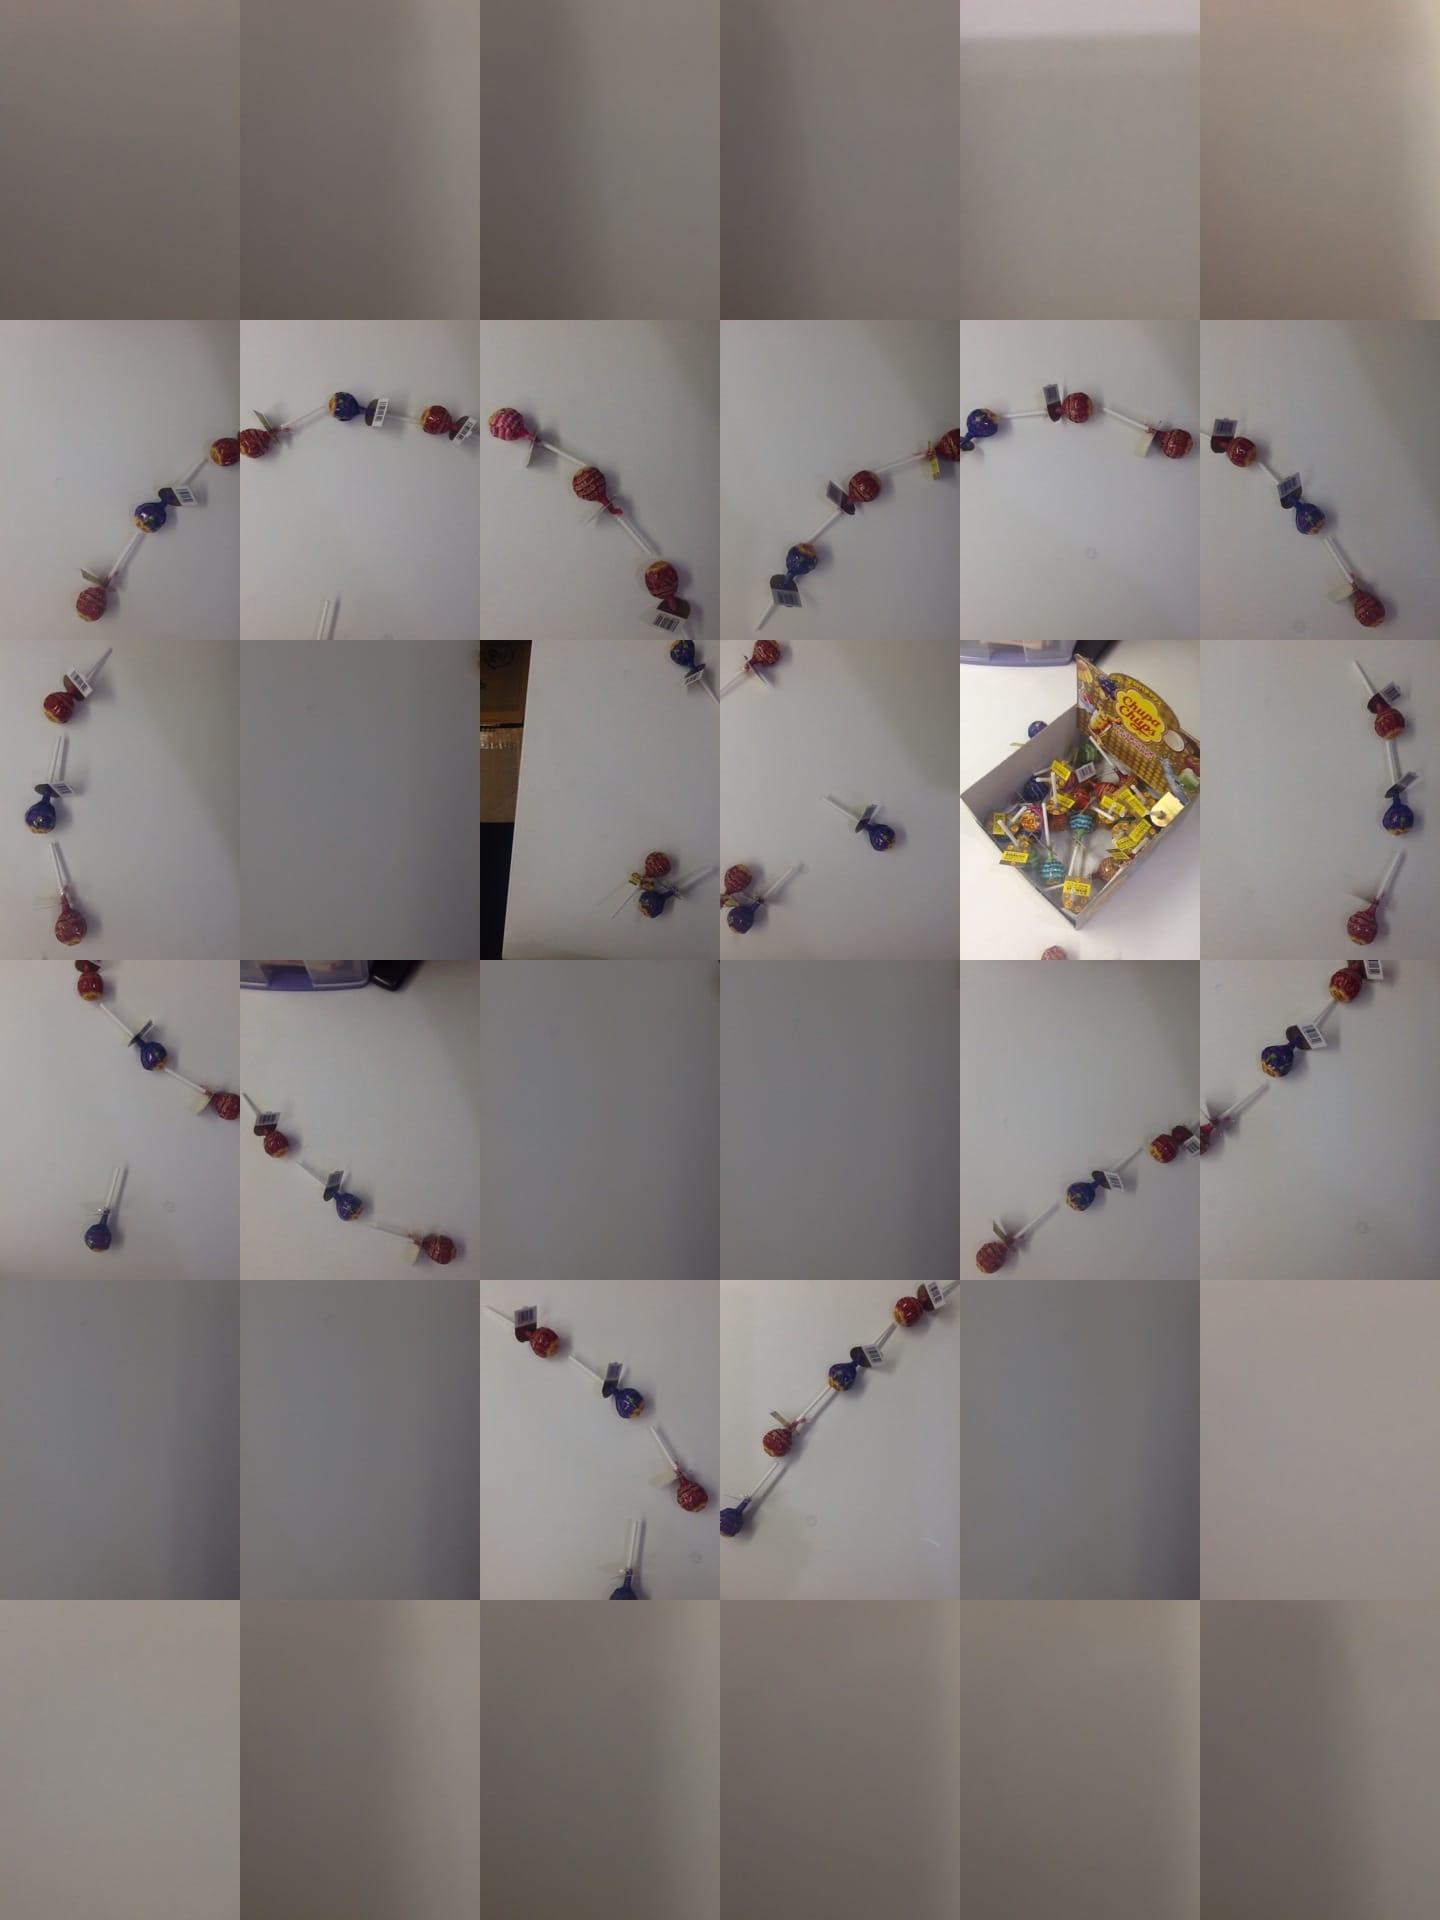 Heart Booth – FREE:写真をつなげて遊ぼう、贈ろう!誰でもできる写真アート♪